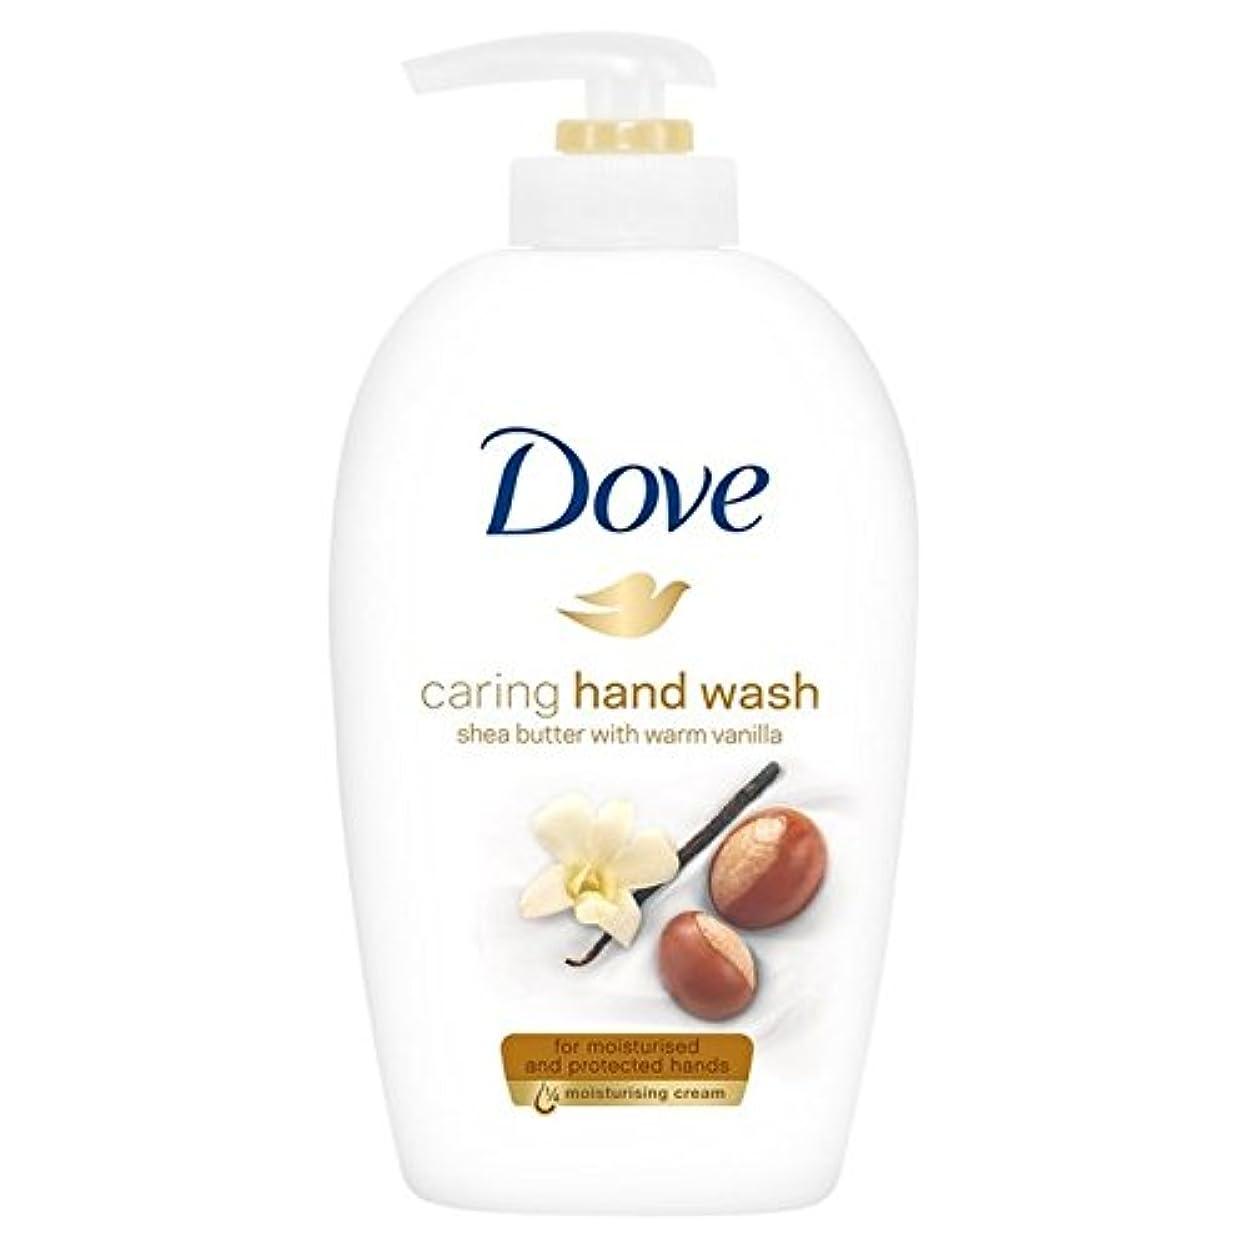 応用セーター満足できる鳩純粋な贅沢シアバターの美容クリームウォッシュ250ミリリットル x2 - Dove Purely Pampering Shea Butter Beauty Cream Wash 250ml (Pack of 2) [並行輸入品]